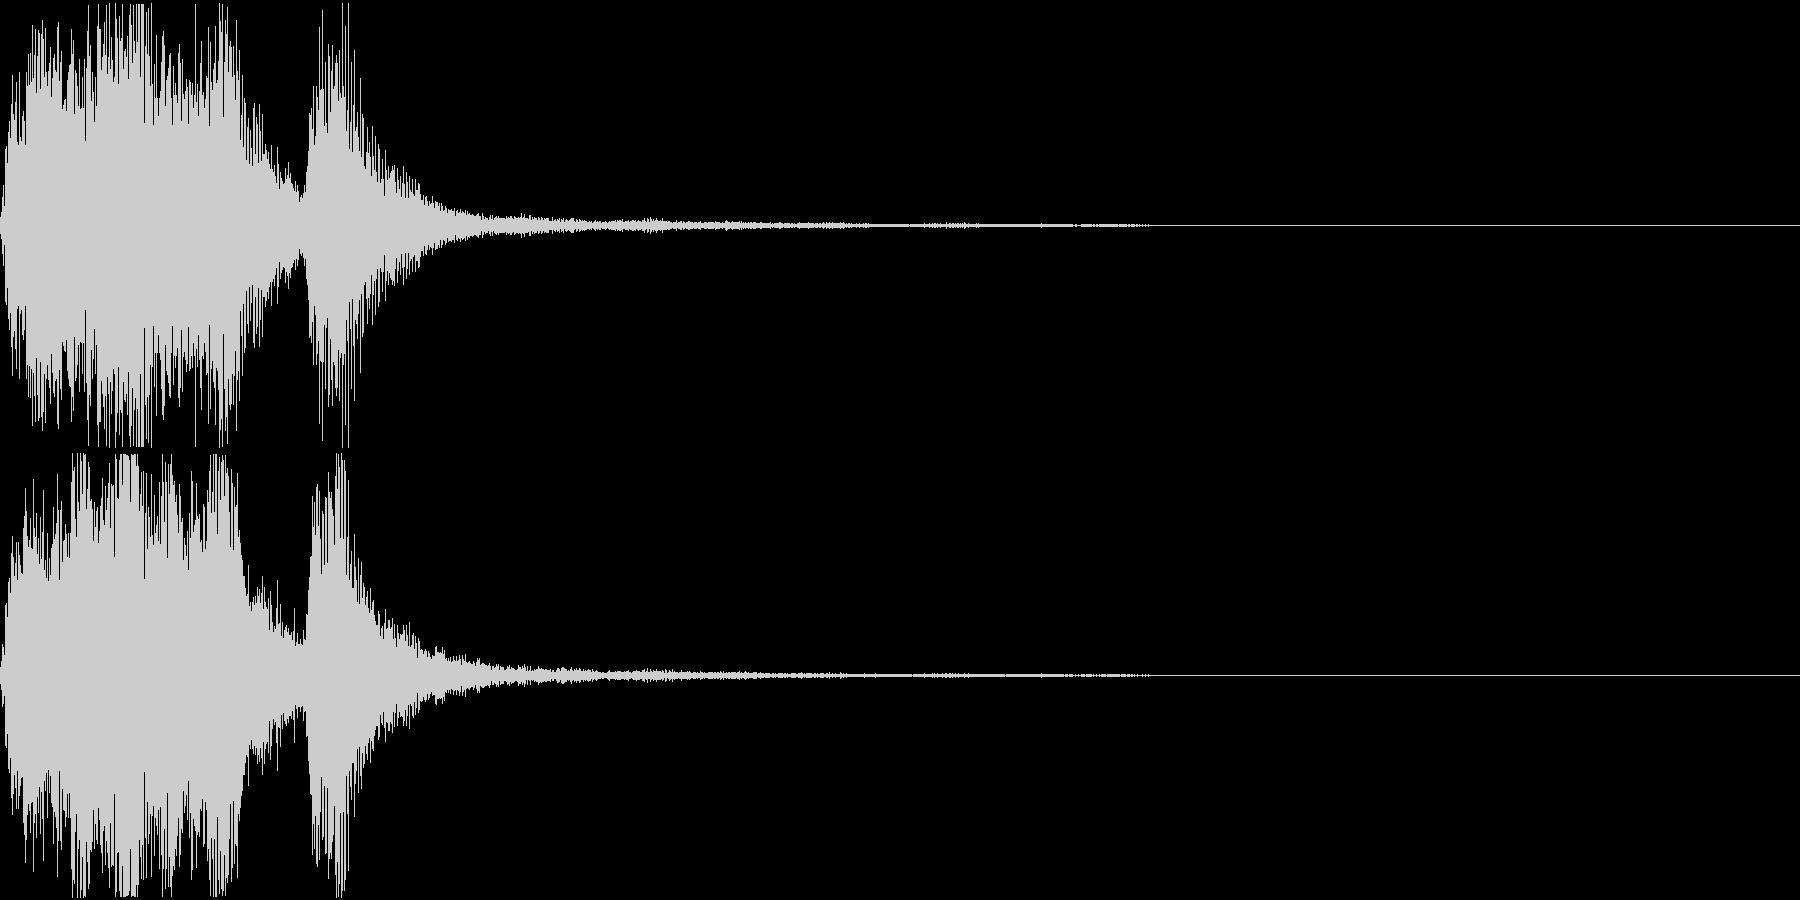 ラッパ ファンファーレ 定番 24の未再生の波形